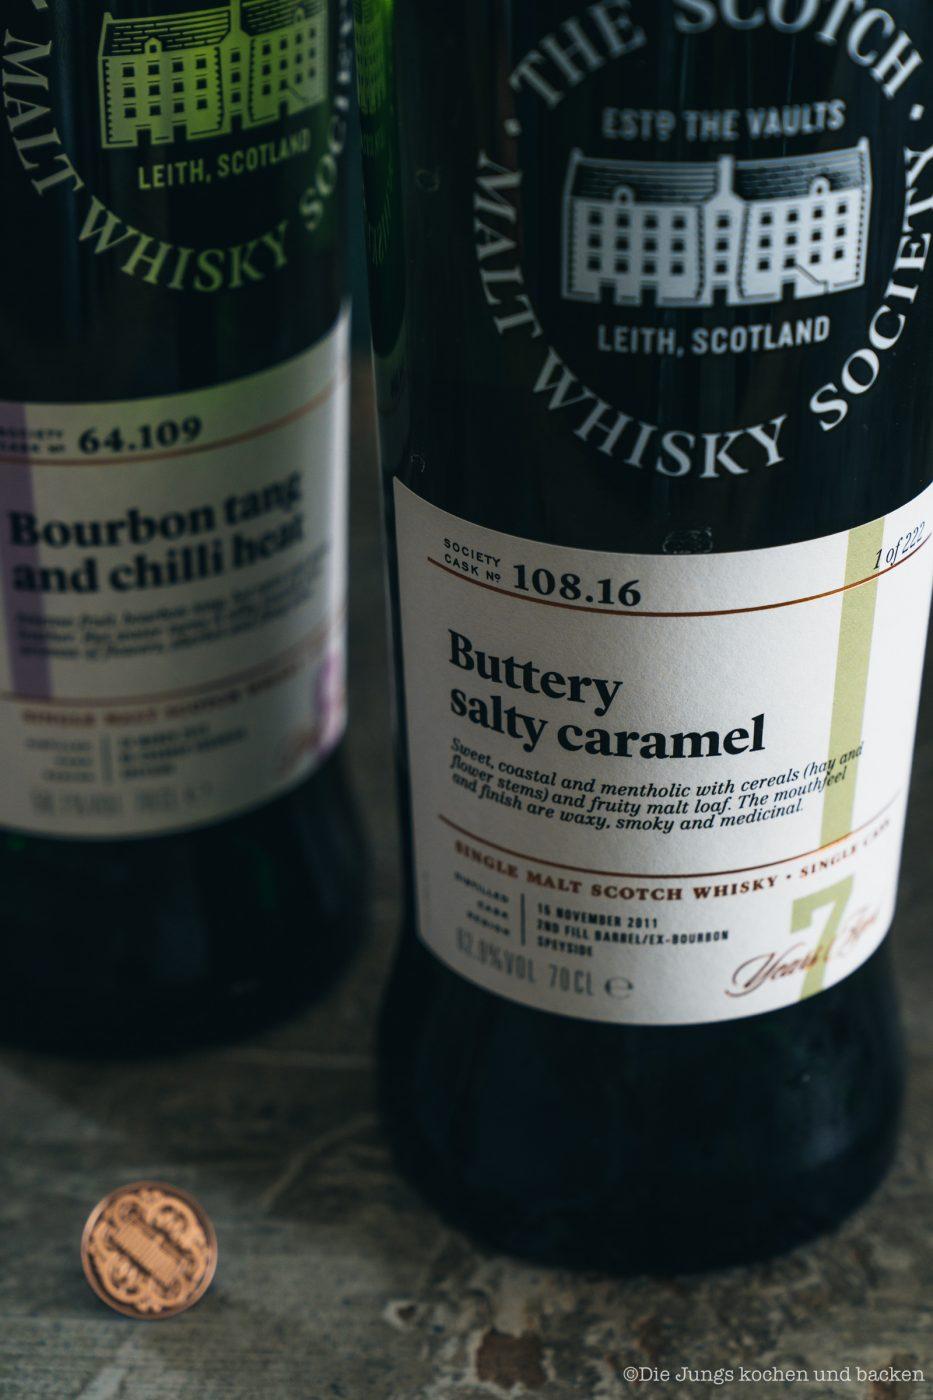 SMWS Bl%C3%A4tterteig happen 2 | Heute haben wir quasi gleich zwei Rezepte für euch im Gepäck, denn wir sind echte Fans von diesen leckeren Kleinigkeiten - Snacks mit wenigen Zutaten, die super flott gemacht sind . Und obendrein haben wir noch ein paar wirklich schöne Informationen für alle Whisky Liebhaber. Und natürlich auch für die, die es noch werden wollen. Außerdem geht es um Foodpairing mit Whisky. Und genau dafür haben wir die beiden Rezepte umgesetzt. Als erstes fangen wir hier mit unseren Blätterteig-Happen mit Knoblauch und Tomate an. Ich finde, das klingt schon mal nach einer perfekten Grundlage, um ein Whisky Tasting zu starten.